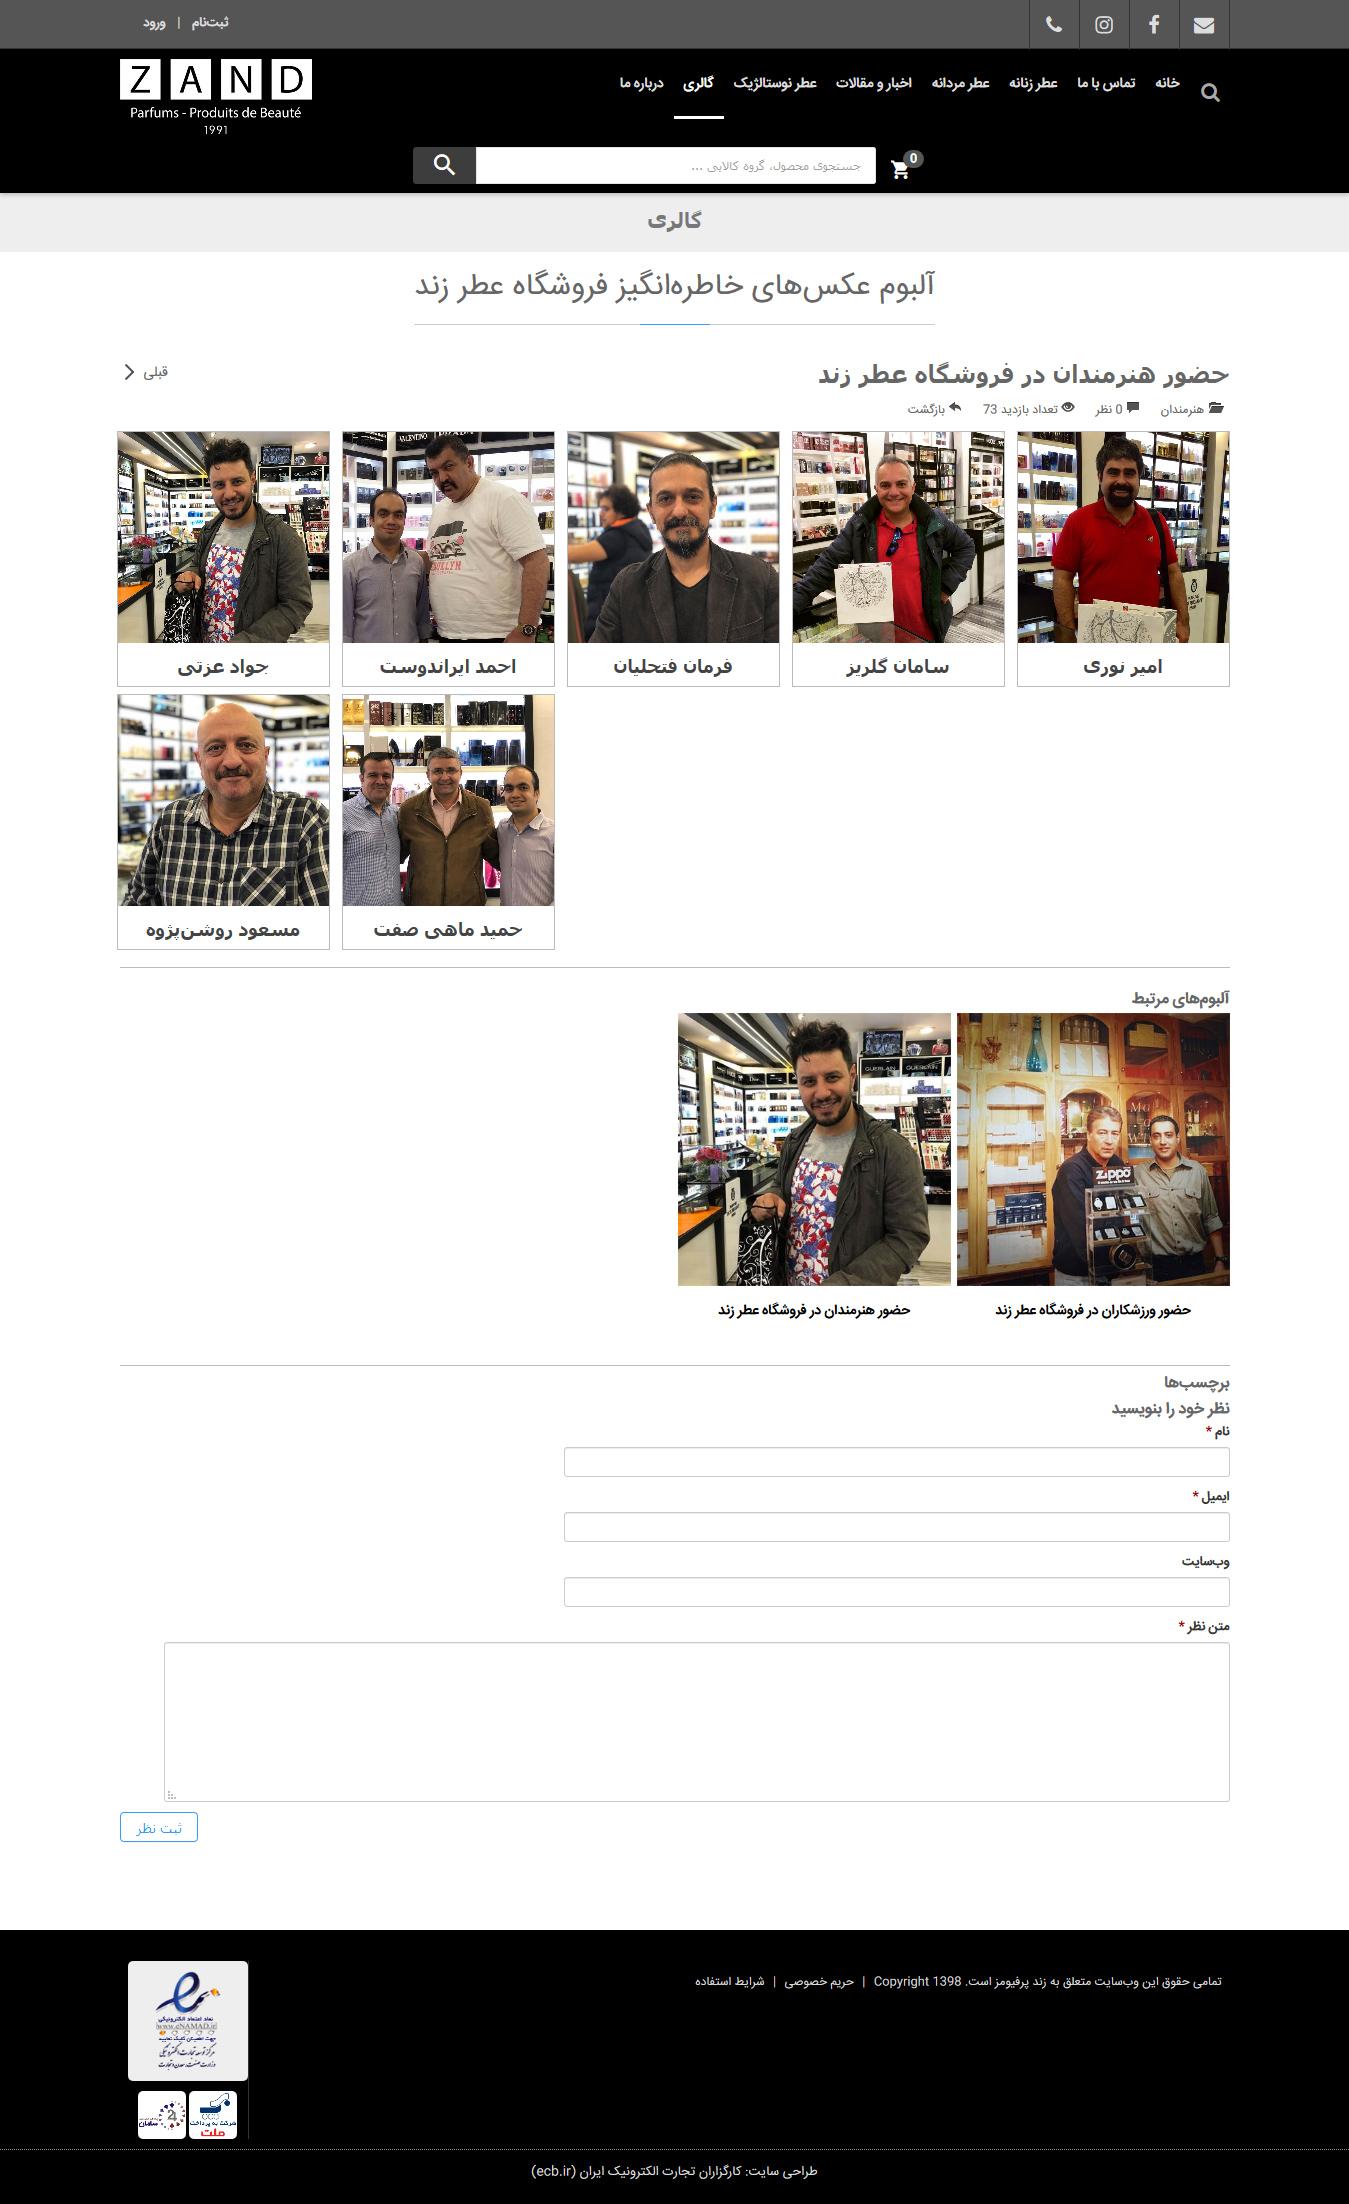 تصویری از صفحه گالری تصاویر فروشگاه عطر زند